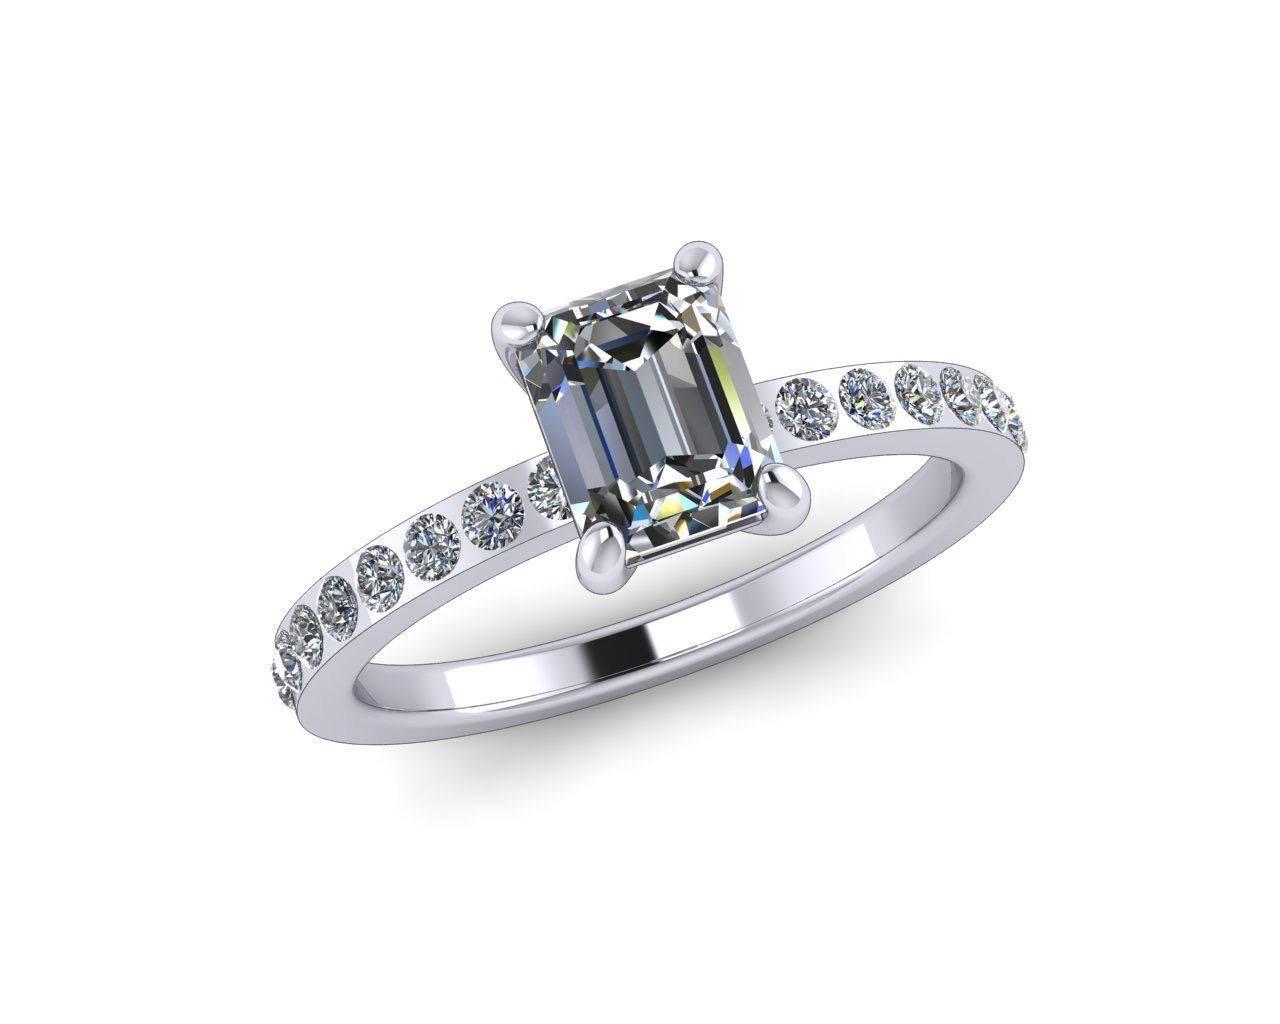 Aayraa jewels - Juwelen - House of Weddings - 3